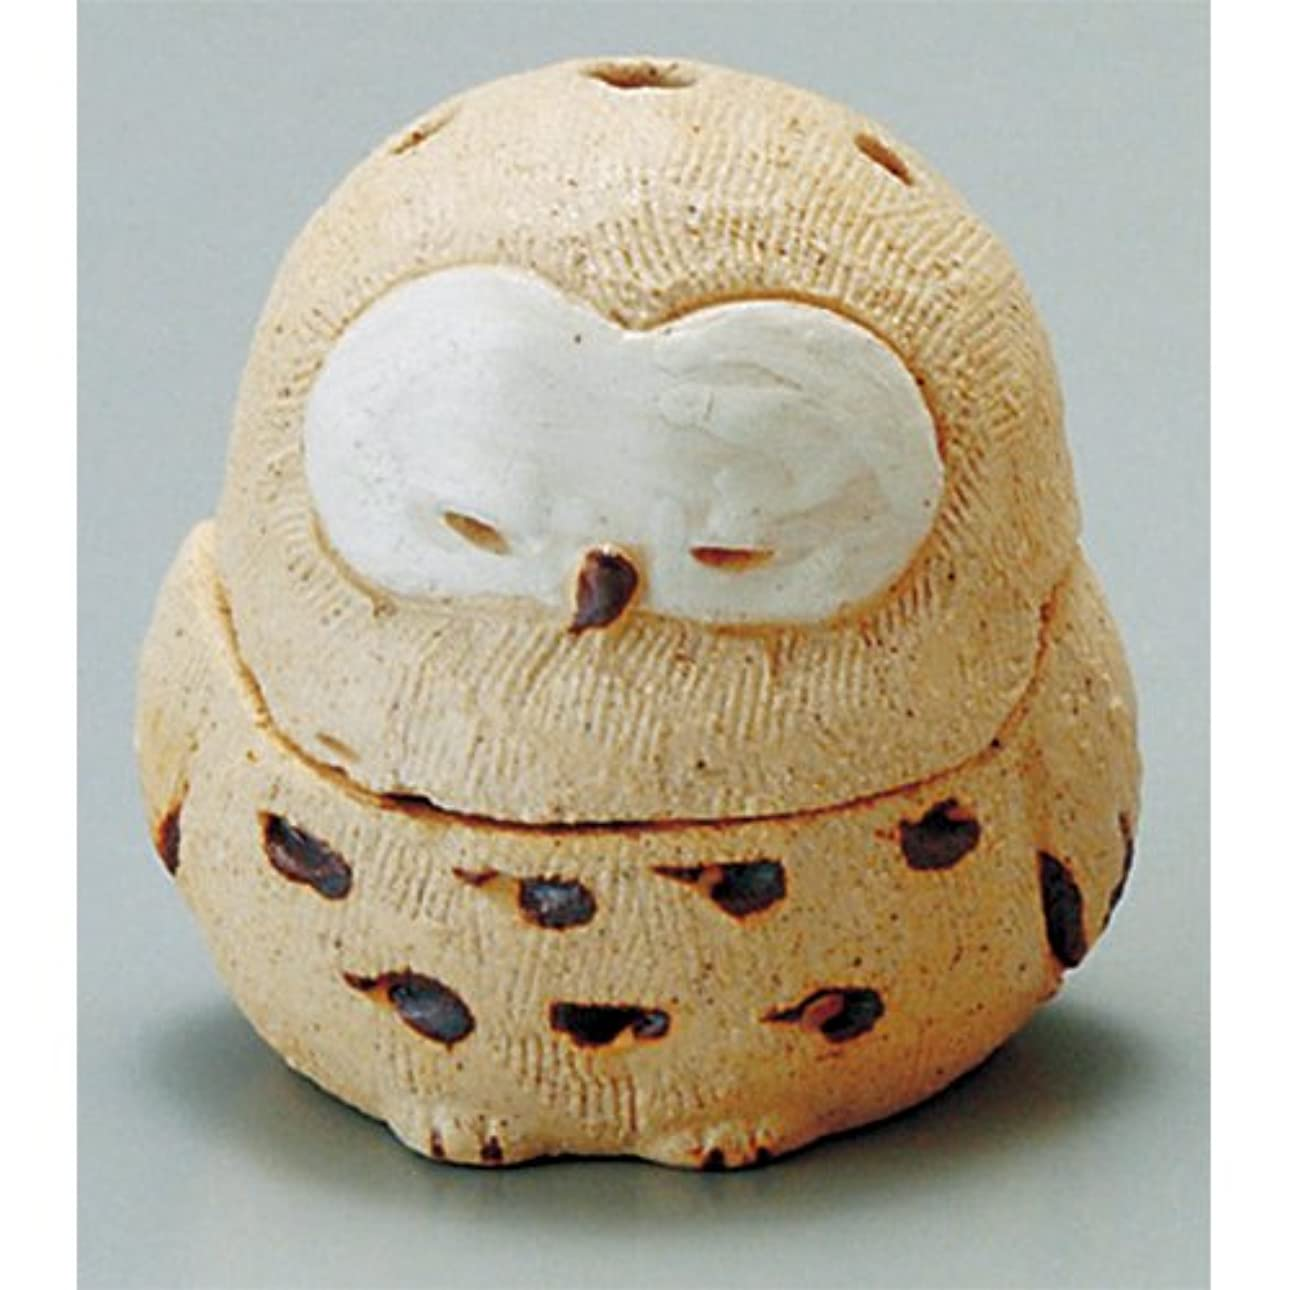 消す権限を与えるピース香炉 蔵ふくろう 香炉(大) [H10.5cm] HANDMADE プレゼント ギフト 和食器 かわいい インテリア